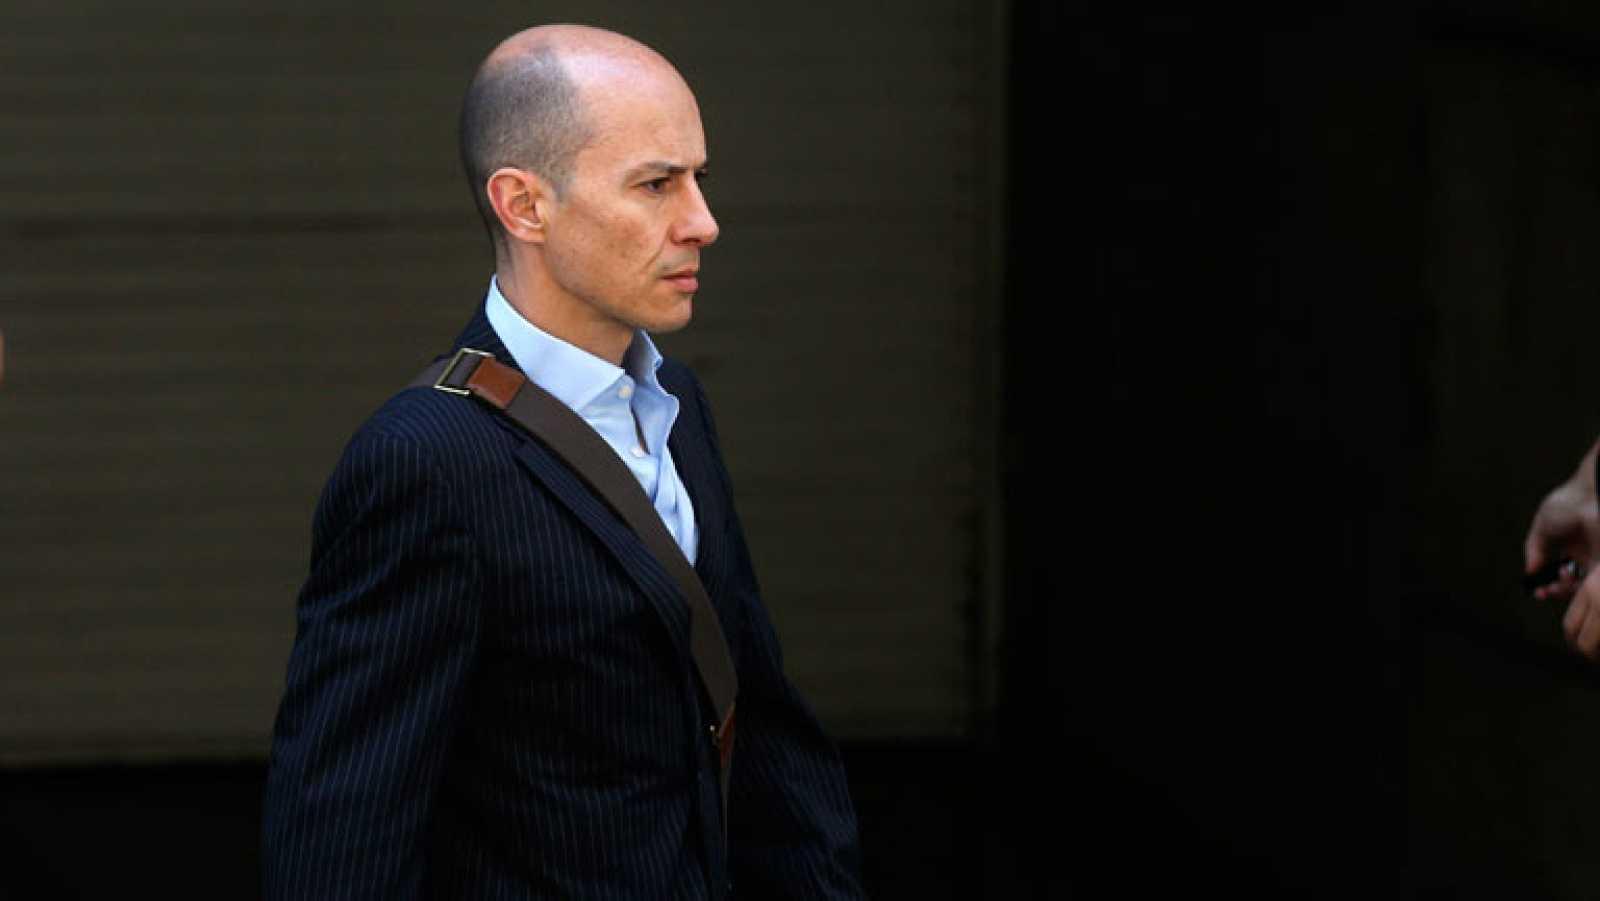 El expresidente de Gowex tendrá que pagar 600.000 euros de fianza para evitar la cárcel